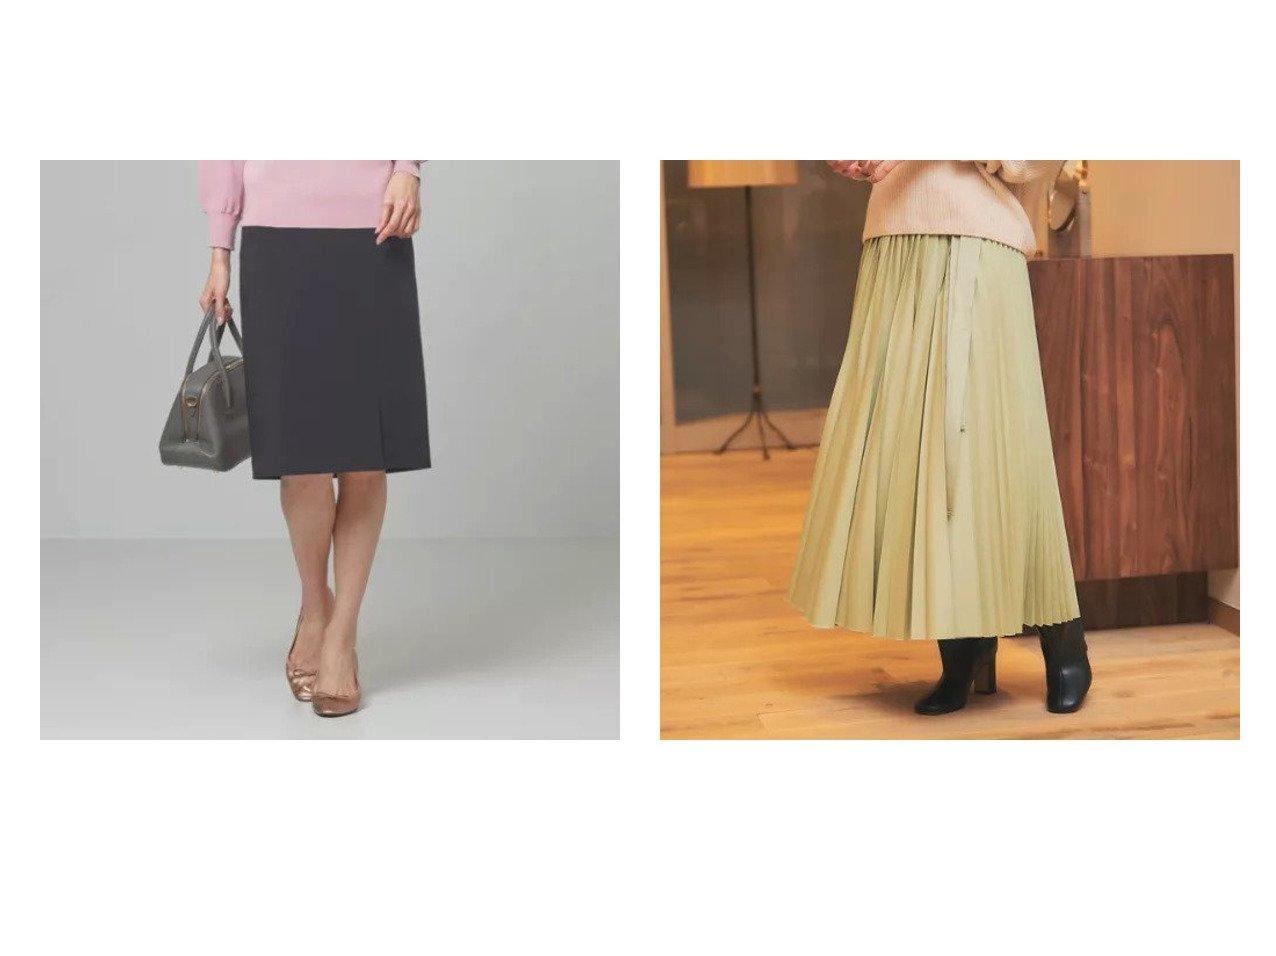 【THE STATION STORE/ザ ステーション ストア ユナイテッドアローズ】のパウダリー フロントスリット スカート -手洗い可能-&【Rouge vif/ルージュ ヴィフ】のラッププリーツスカート スカートのおすすめ!人気、トレンド・レディースファッションの通販 おすすめで人気の流行・トレンド、ファッションの通販商品 メンズファッション・キッズファッション・インテリア・家具・レディースファッション・服の通販 founy(ファニー) https://founy.com/ ファッション Fashion レディースファッション WOMEN スカート Skirt プリーツスカート Pleated Skirts プリーツ マキシ リボン ロング 冬 Winter |ID:crp329100000014447